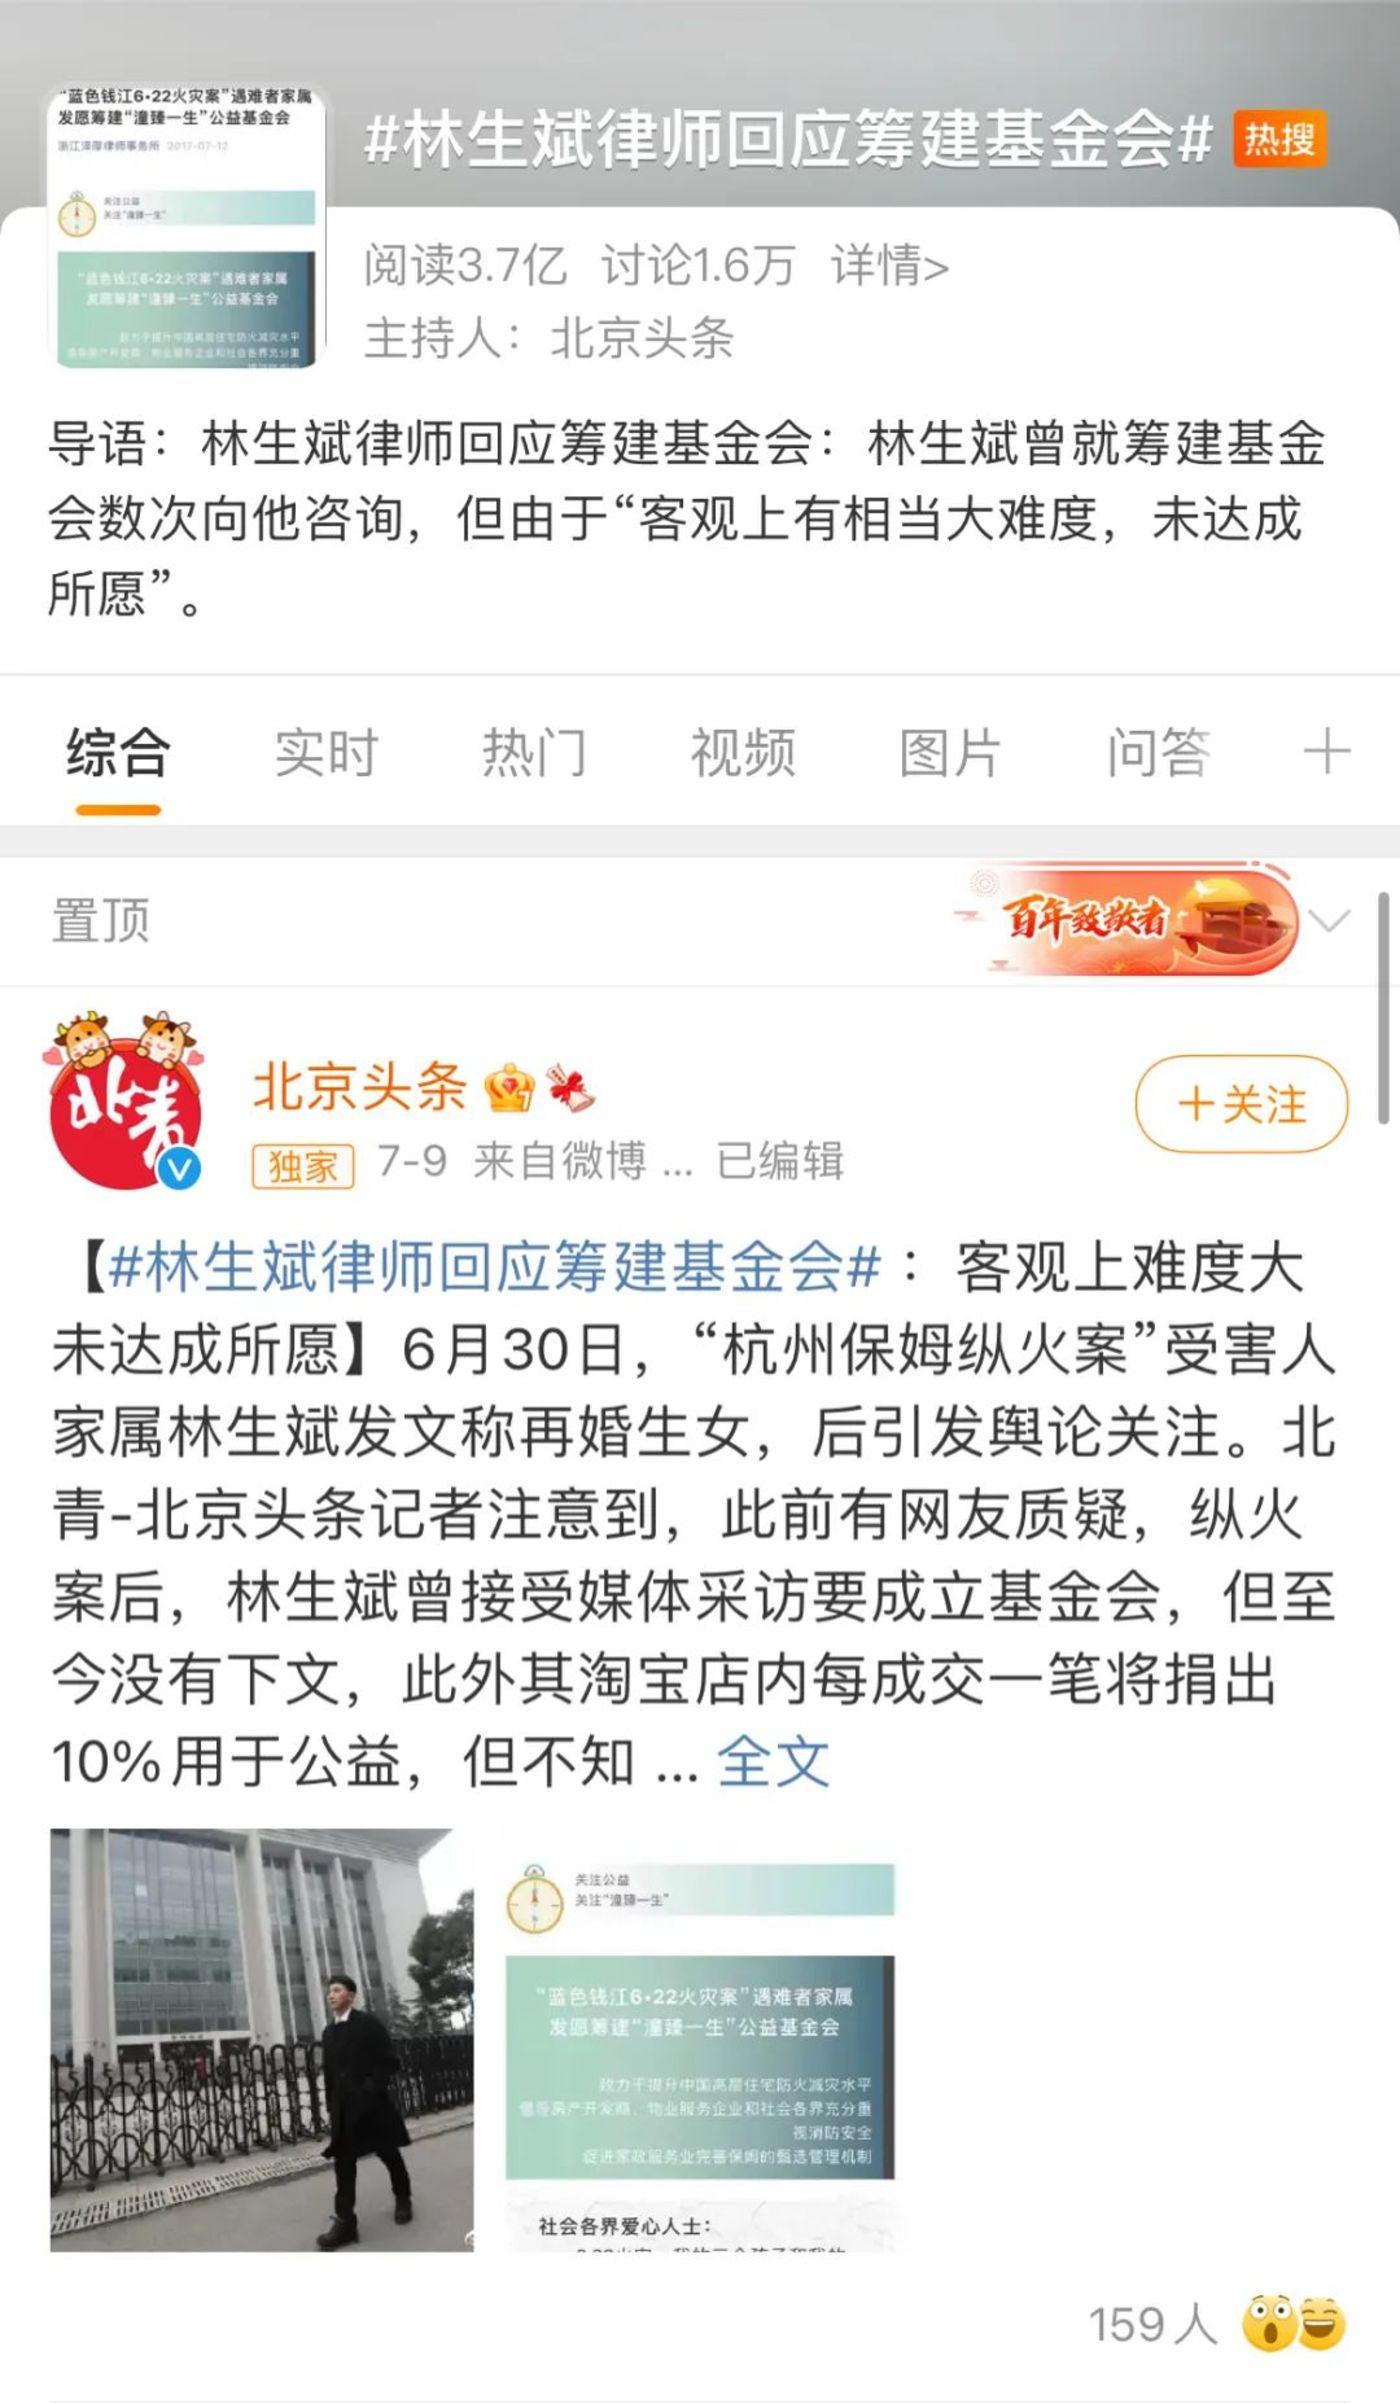 截至7月12日,#林生斌律师回应筹建基金会#的话题阅读量已经超过3.7亿。图片来源:微博